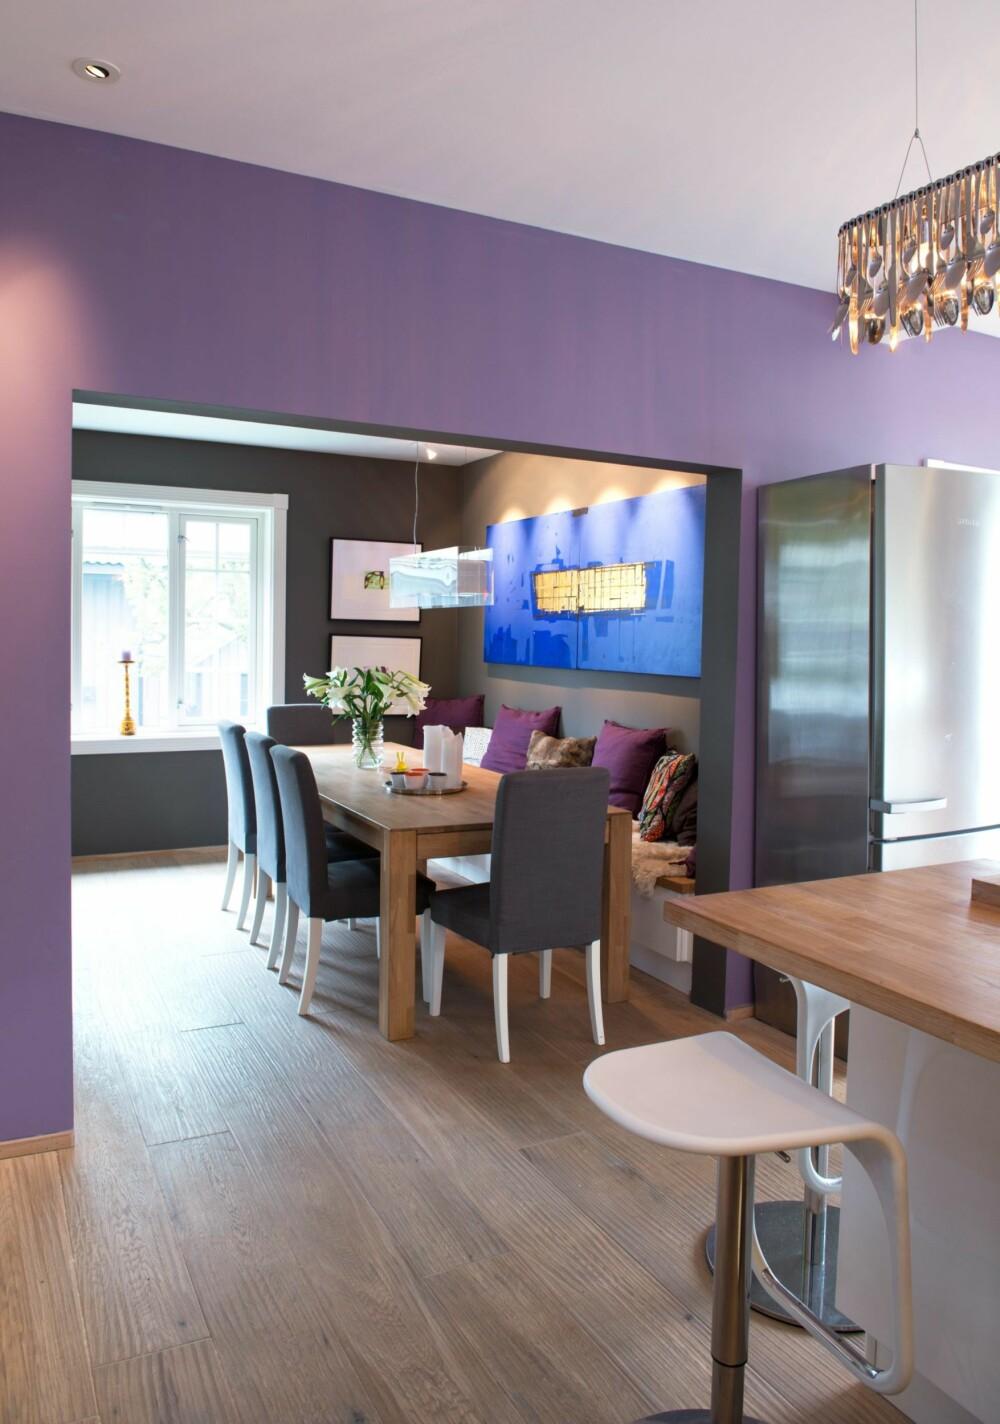 KUNST PÅ VEGGENE: - Kunst hører hjemme på kjøkkenet og er nært beslektet med kjøkkenkunst. Begge deler skal være en nytelse for øyet, sier Trond. Det punktbelyste bildet over spisebordet er av hans favorittkunstner, Kjell Nupen.